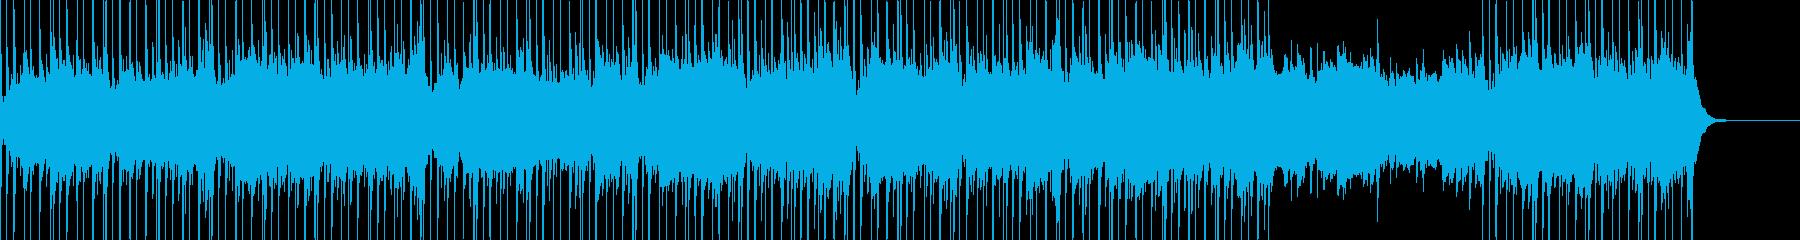 ループ可、イージーリスニング、シンセの再生済みの波形